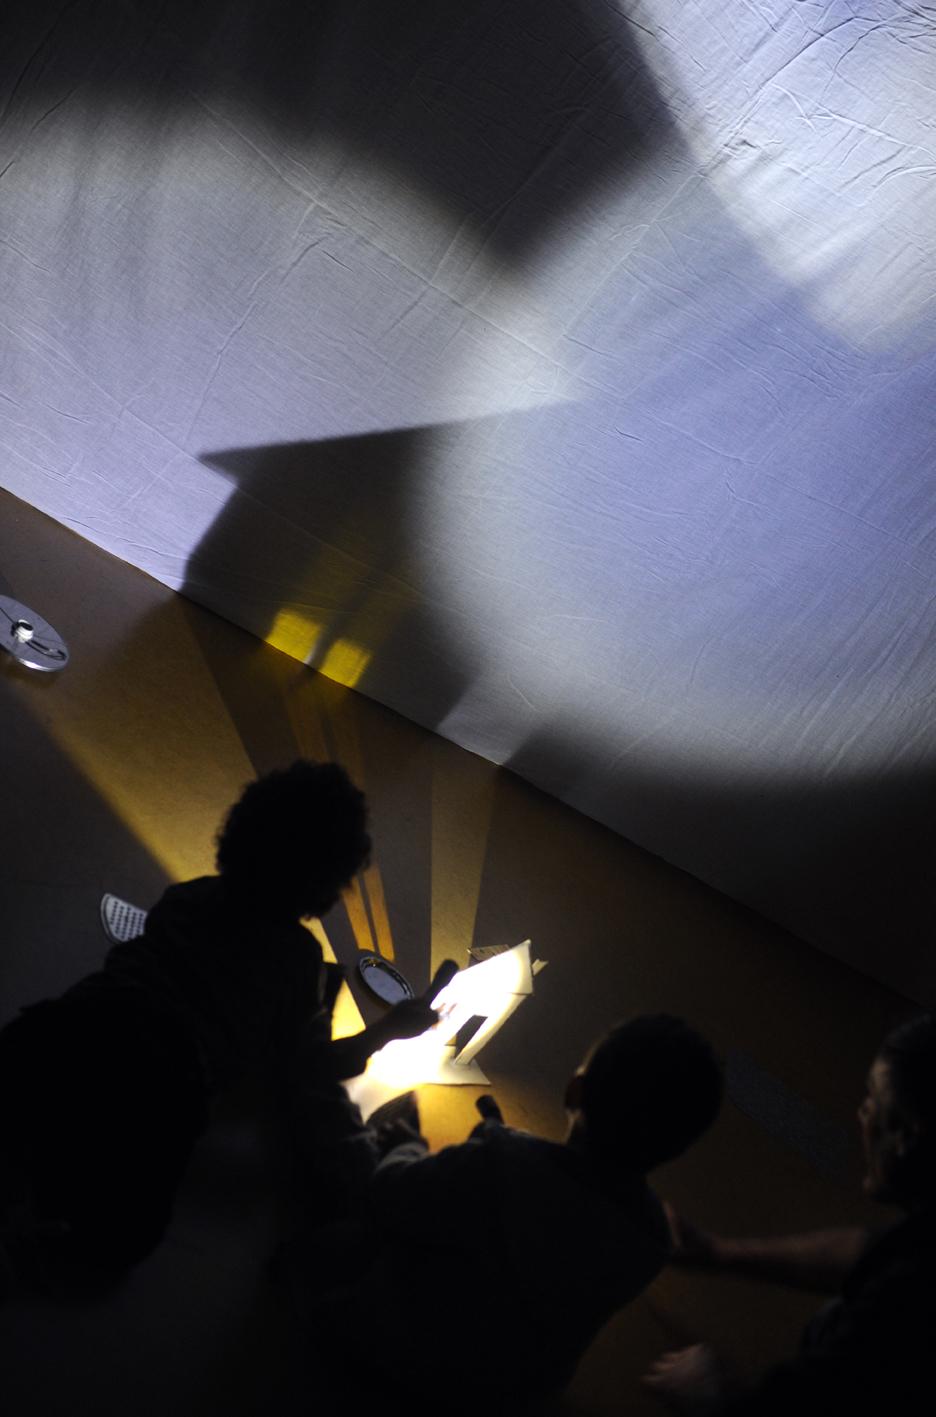 Chantier Première Fois mené par  Flop Lefebvre  / avril 16